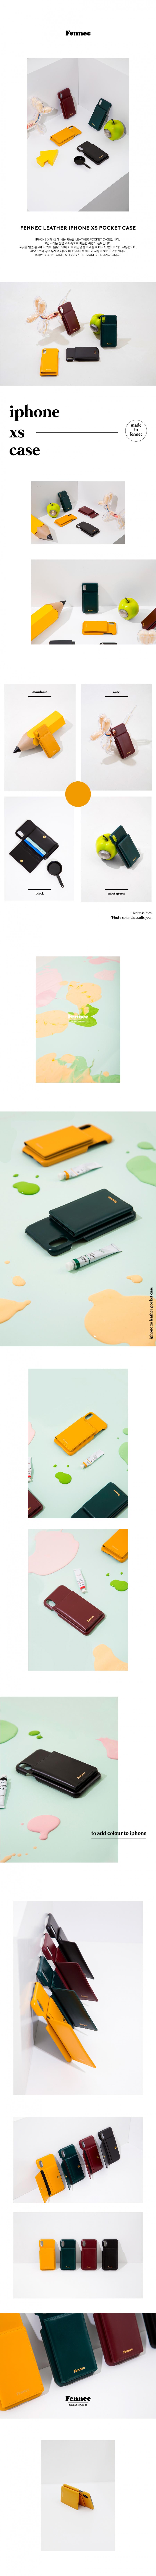 페넥(FENNEC) LEATHER iPHONE XS POCKET CASE - MANDAIRIN